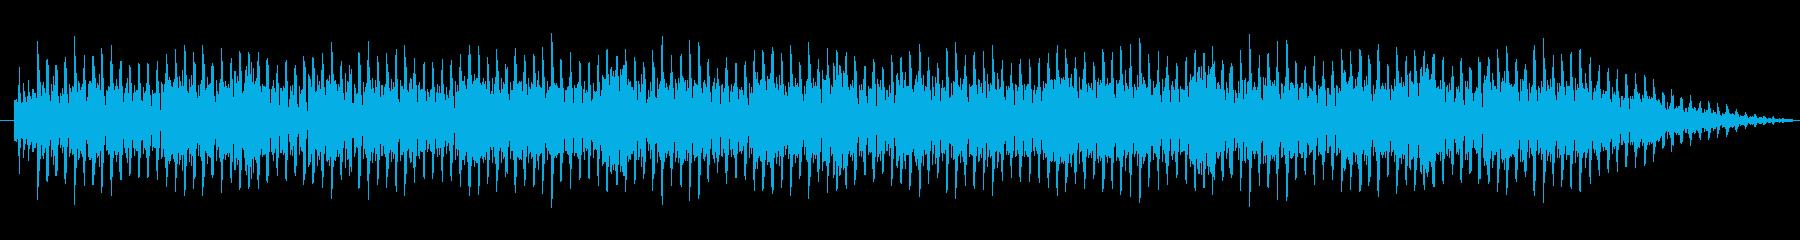 ショートBGM: トランス・ピアノ_Cの再生済みの波形